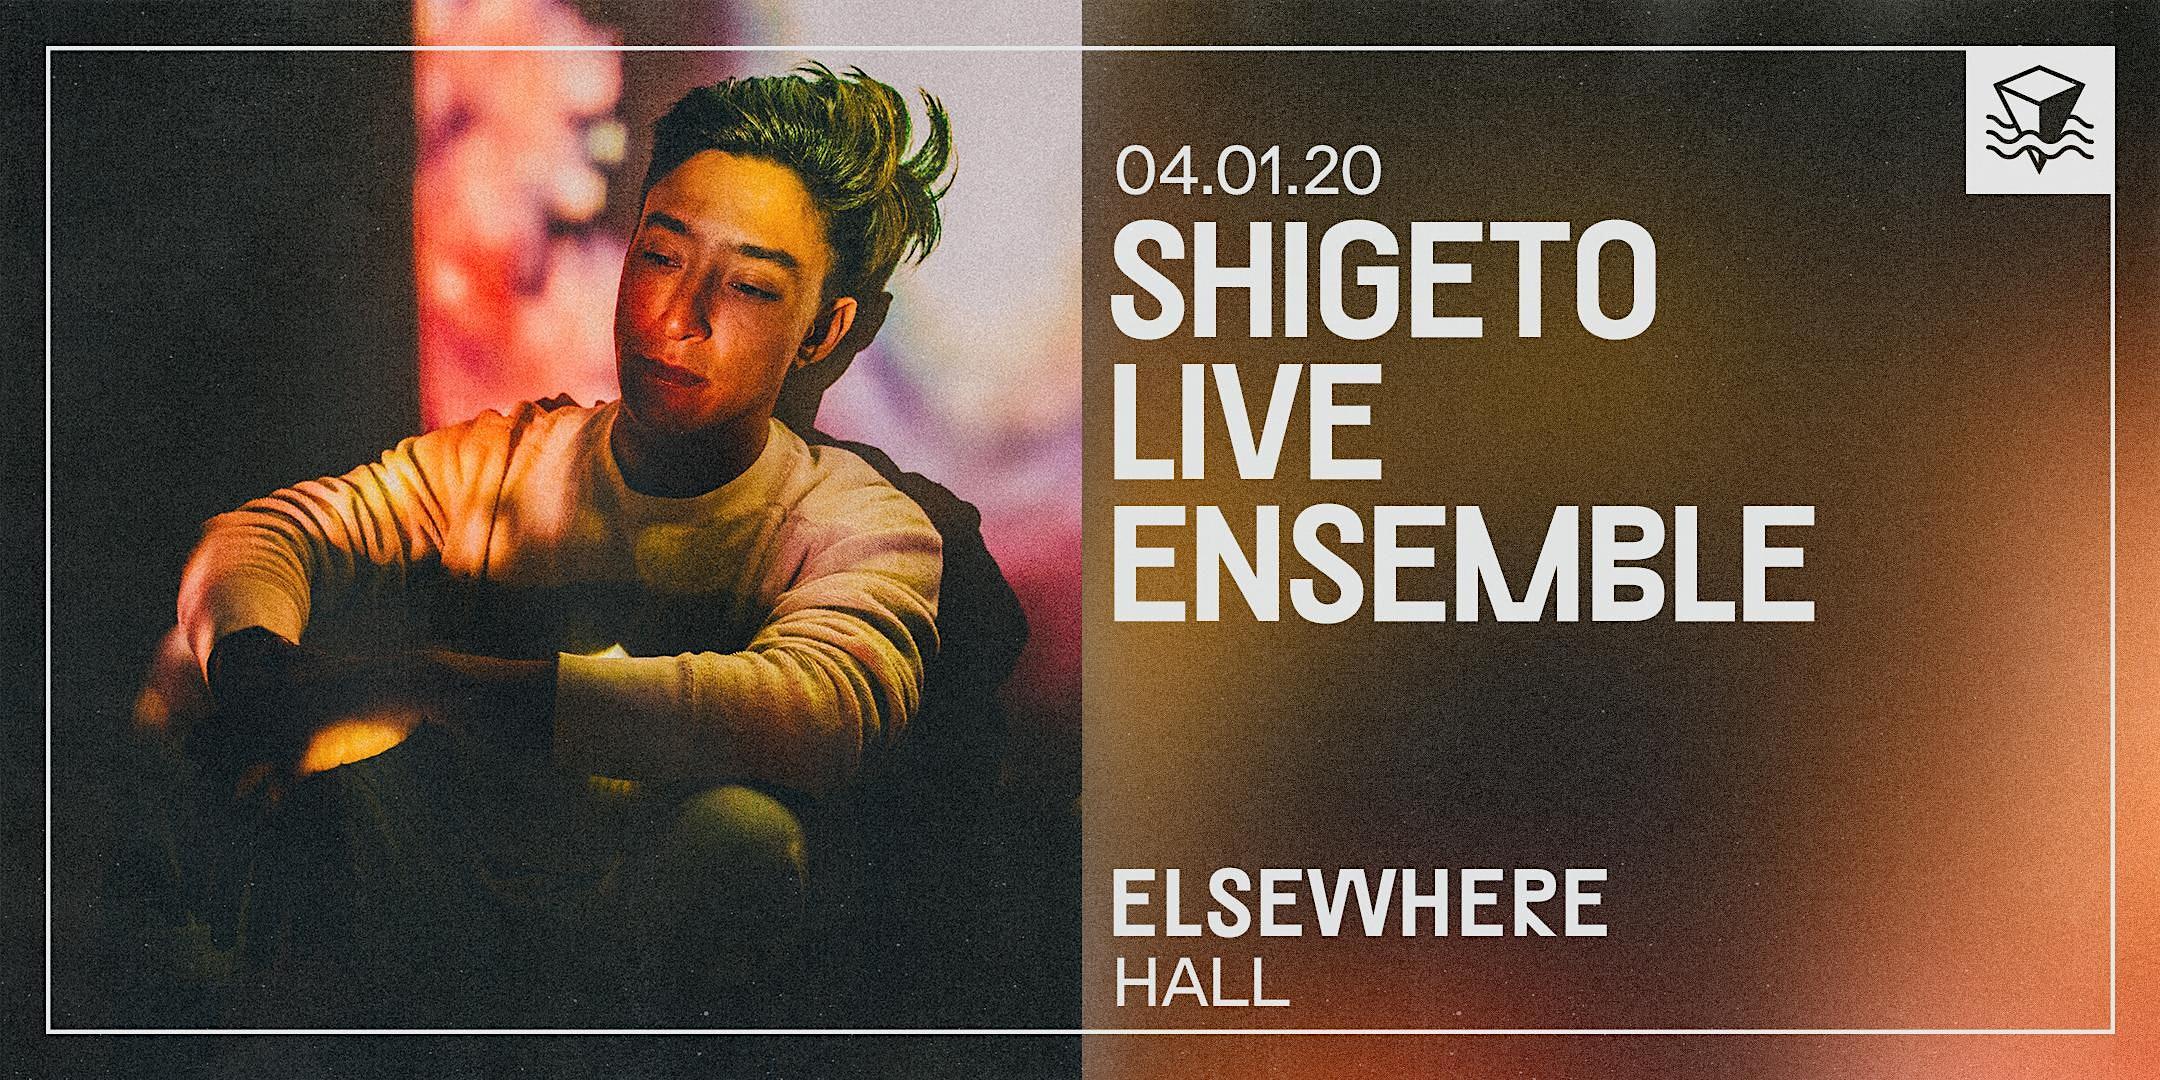 Shigeto Live Ensemble